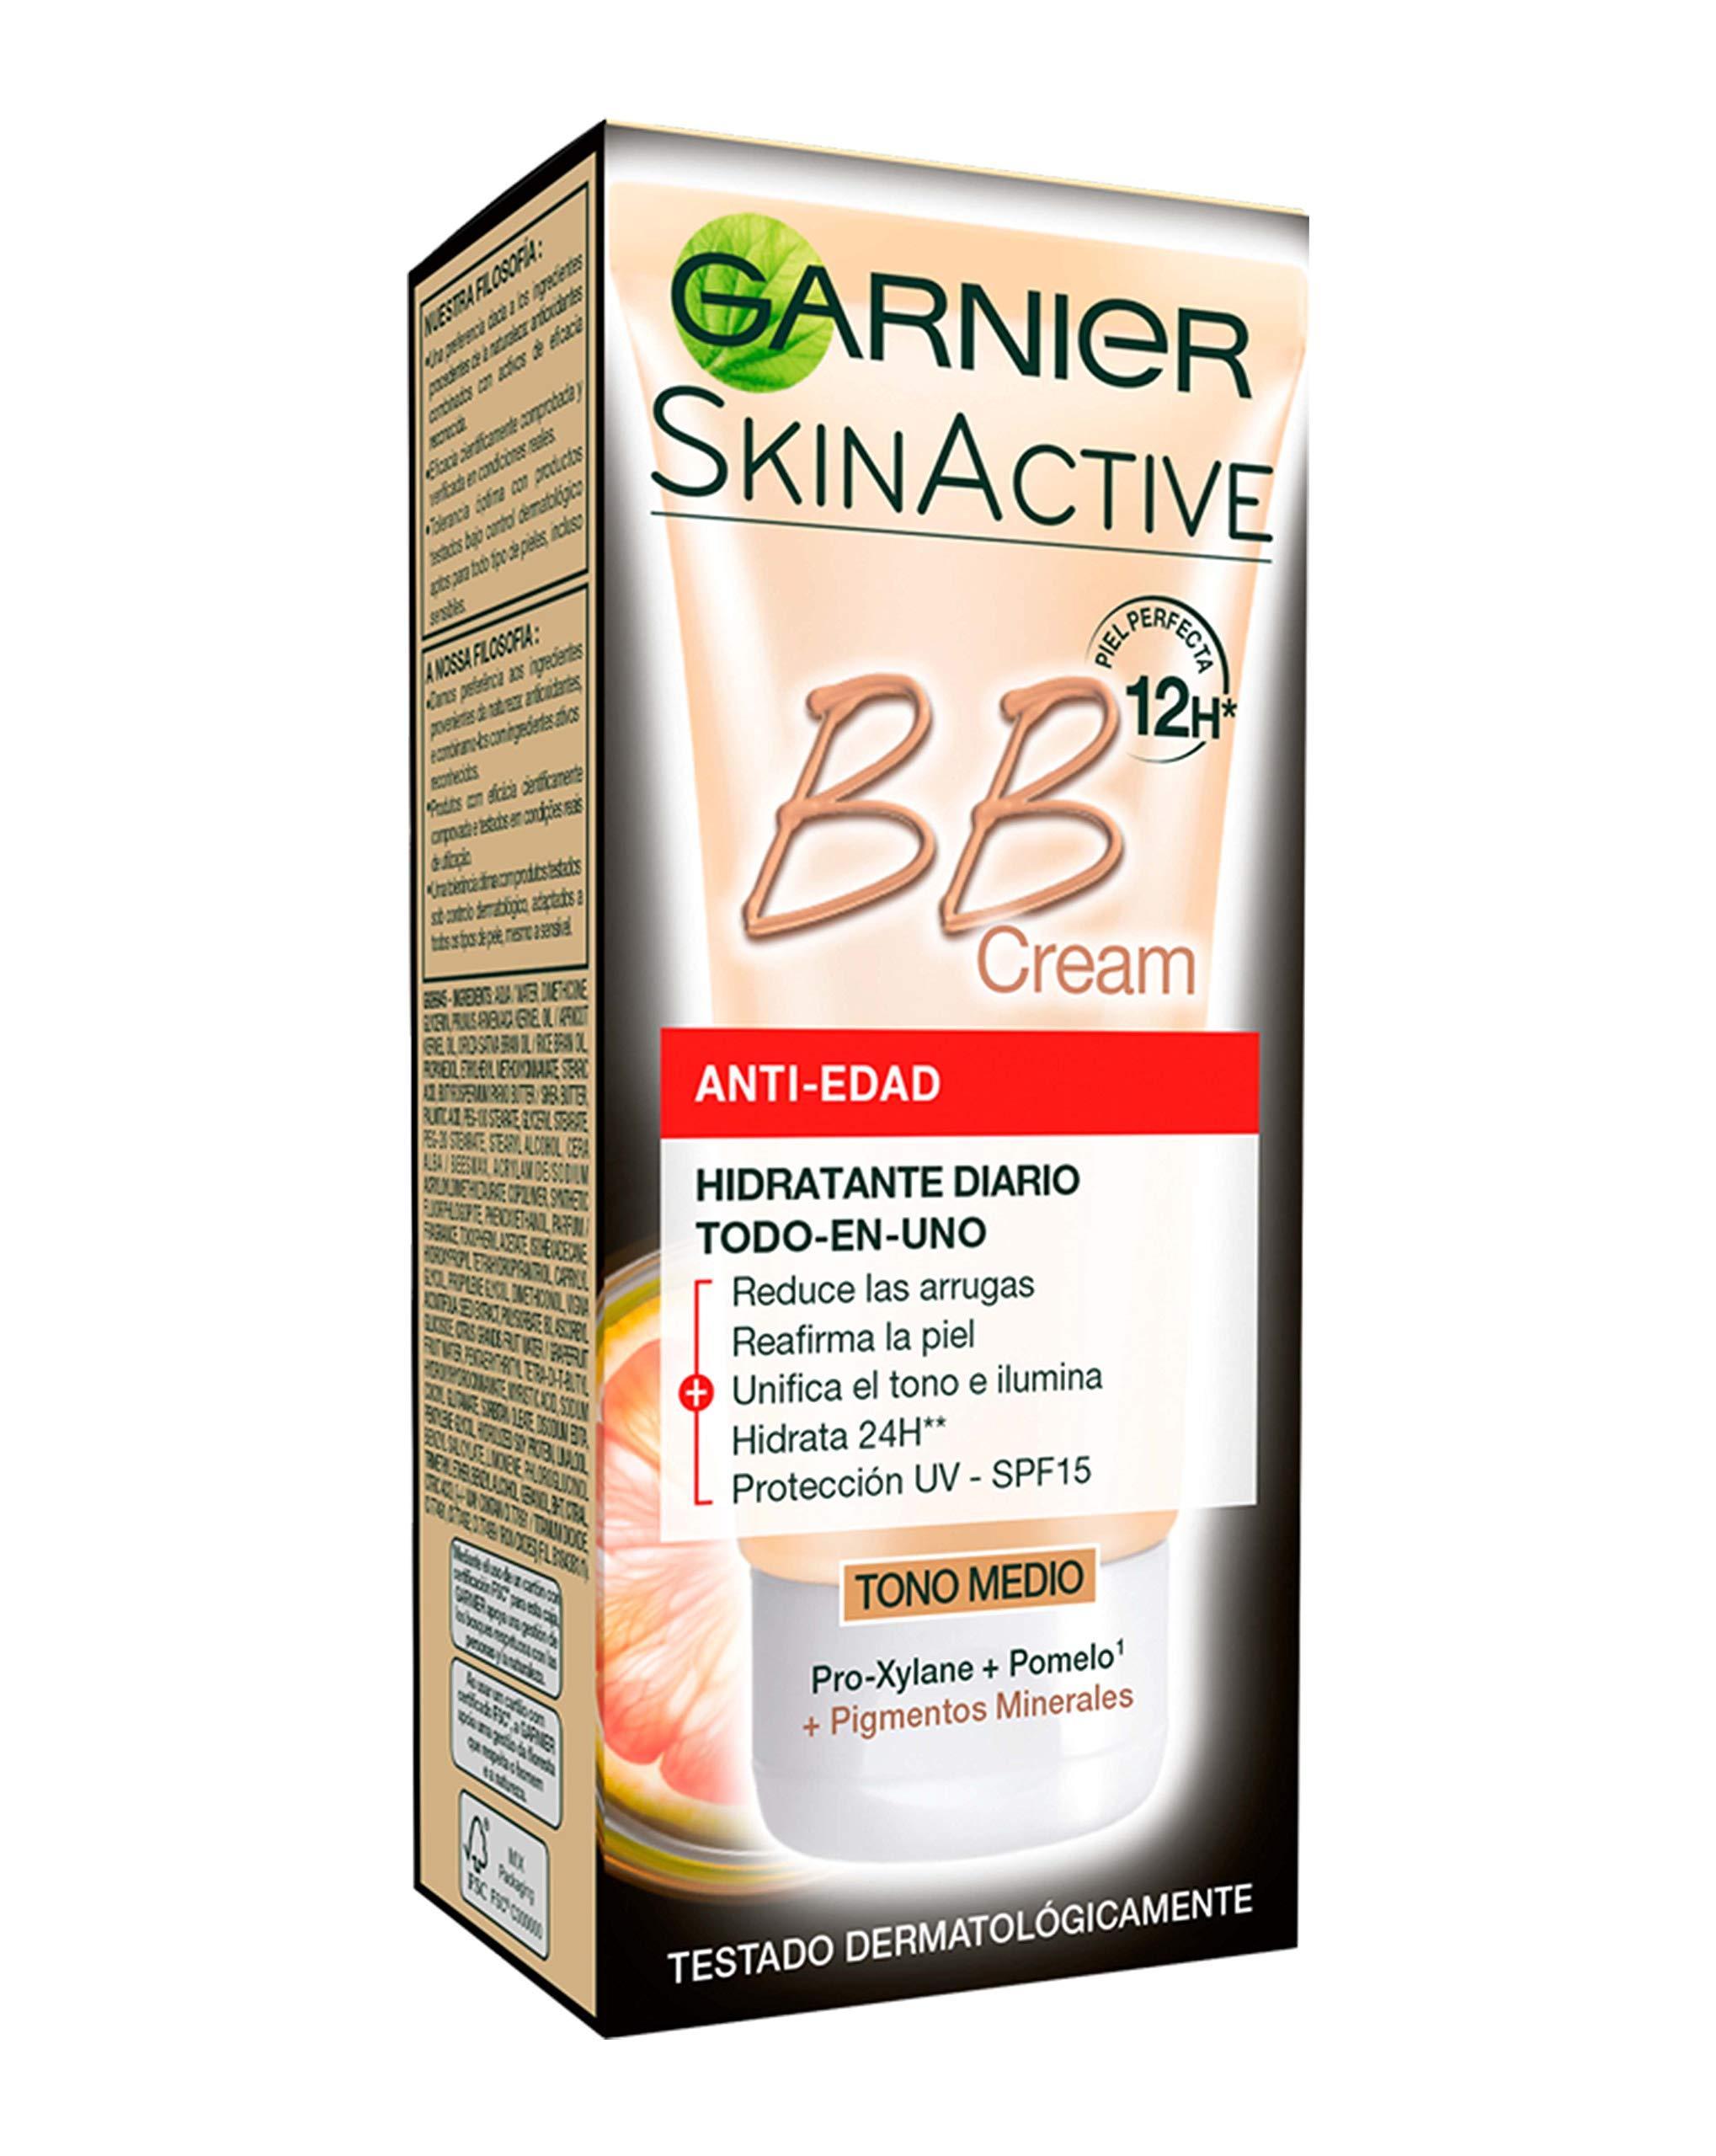 Garnier Skin Active BB Cream Anti-Edad Crema Correctora Anti-Imperfecciones para Piel Madura, Tono Medio SPF15 con Vitamina C - 50 ml